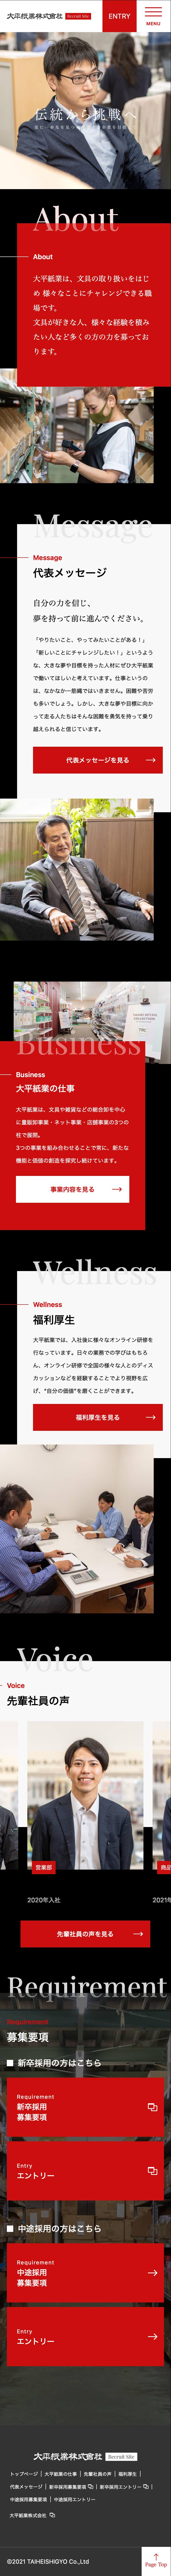 大平紙業株式会社様 採用サイト SP画像